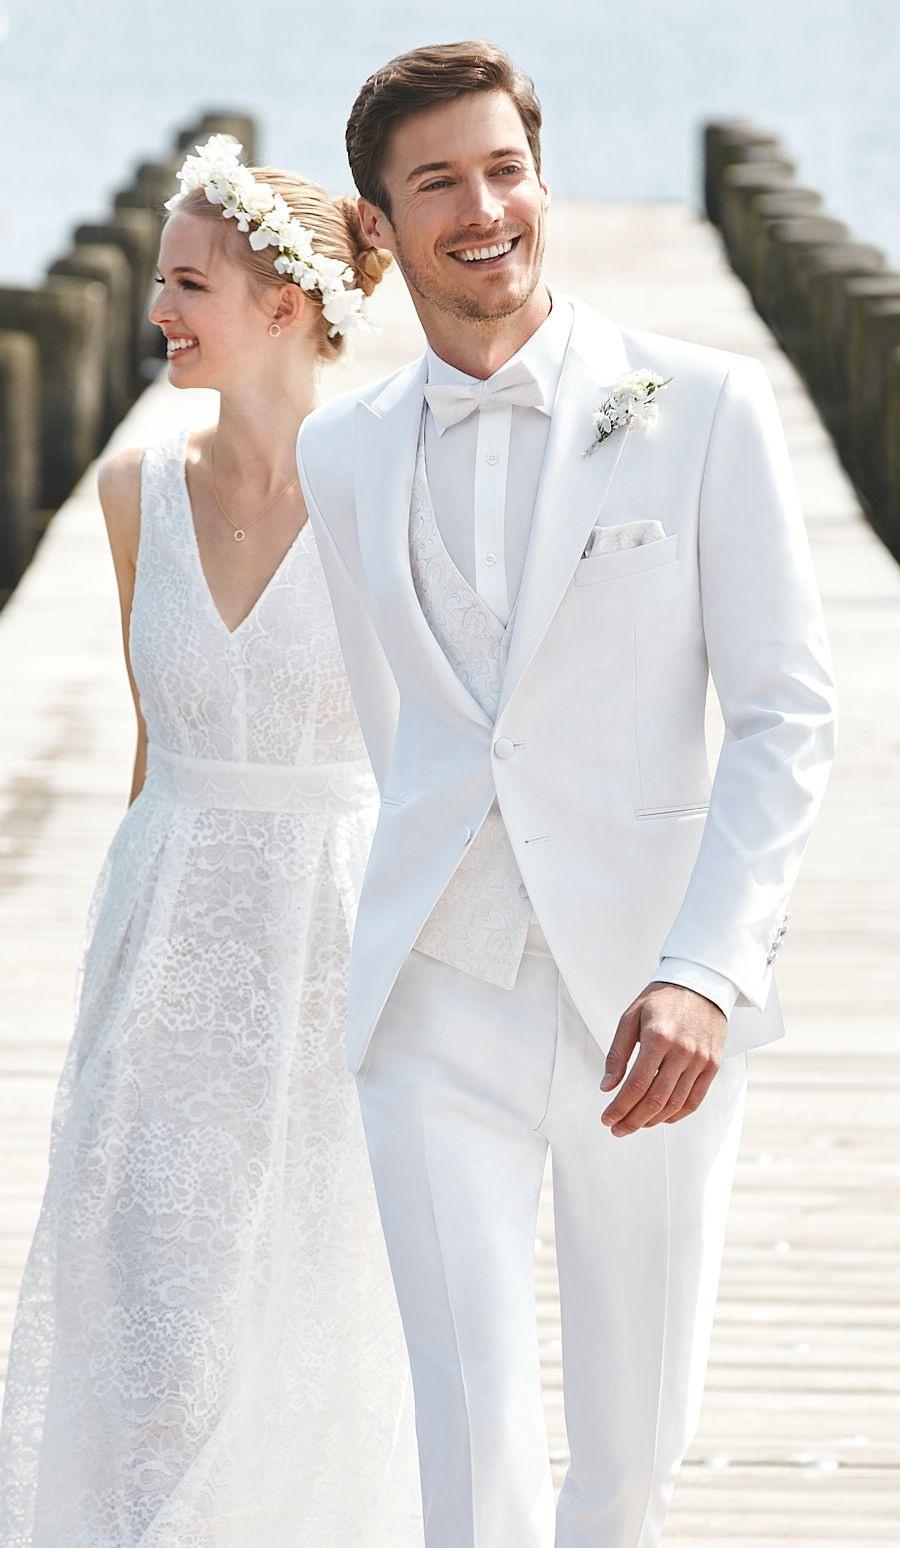 Seeg Braut- & Festmode | Anzüge Wilvorst | Anzug Hochzeit